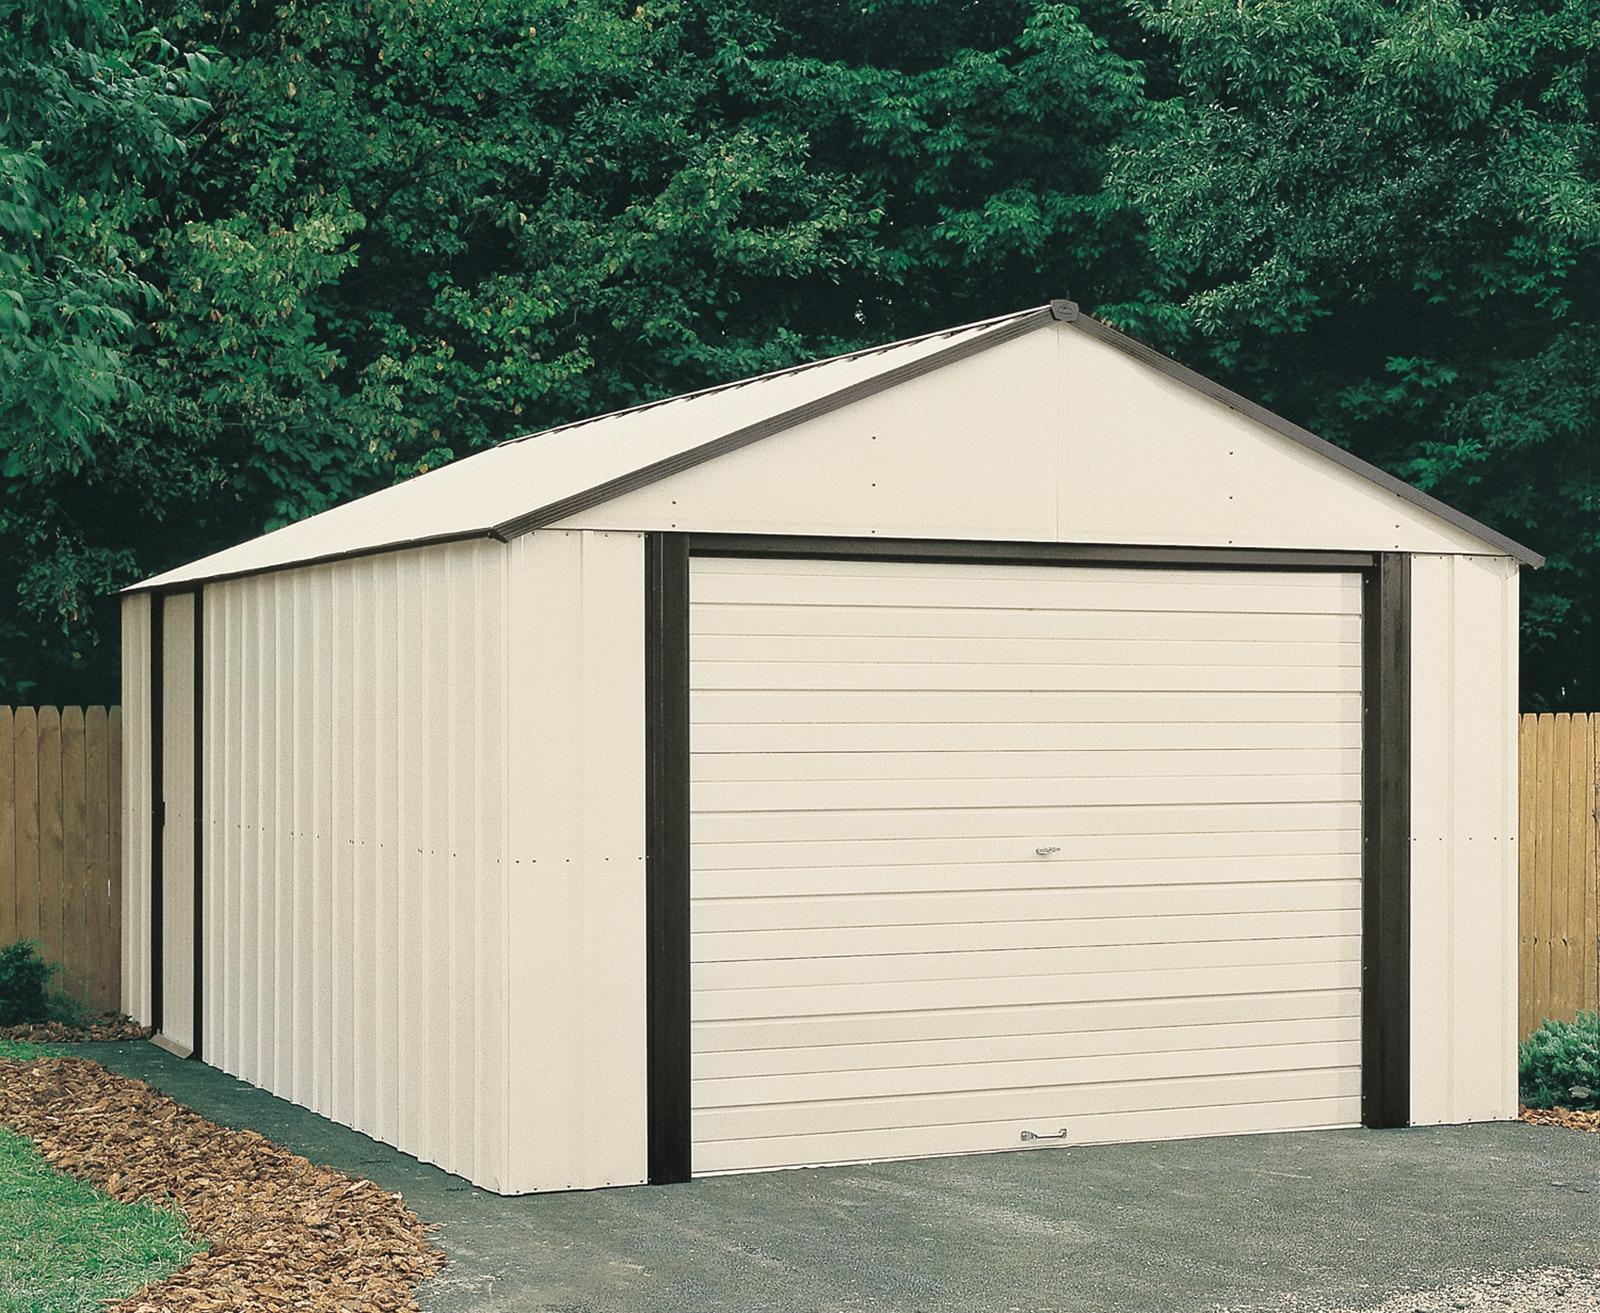 garage arrow direct usa. Black Bedroom Furniture Sets. Home Design Ideas